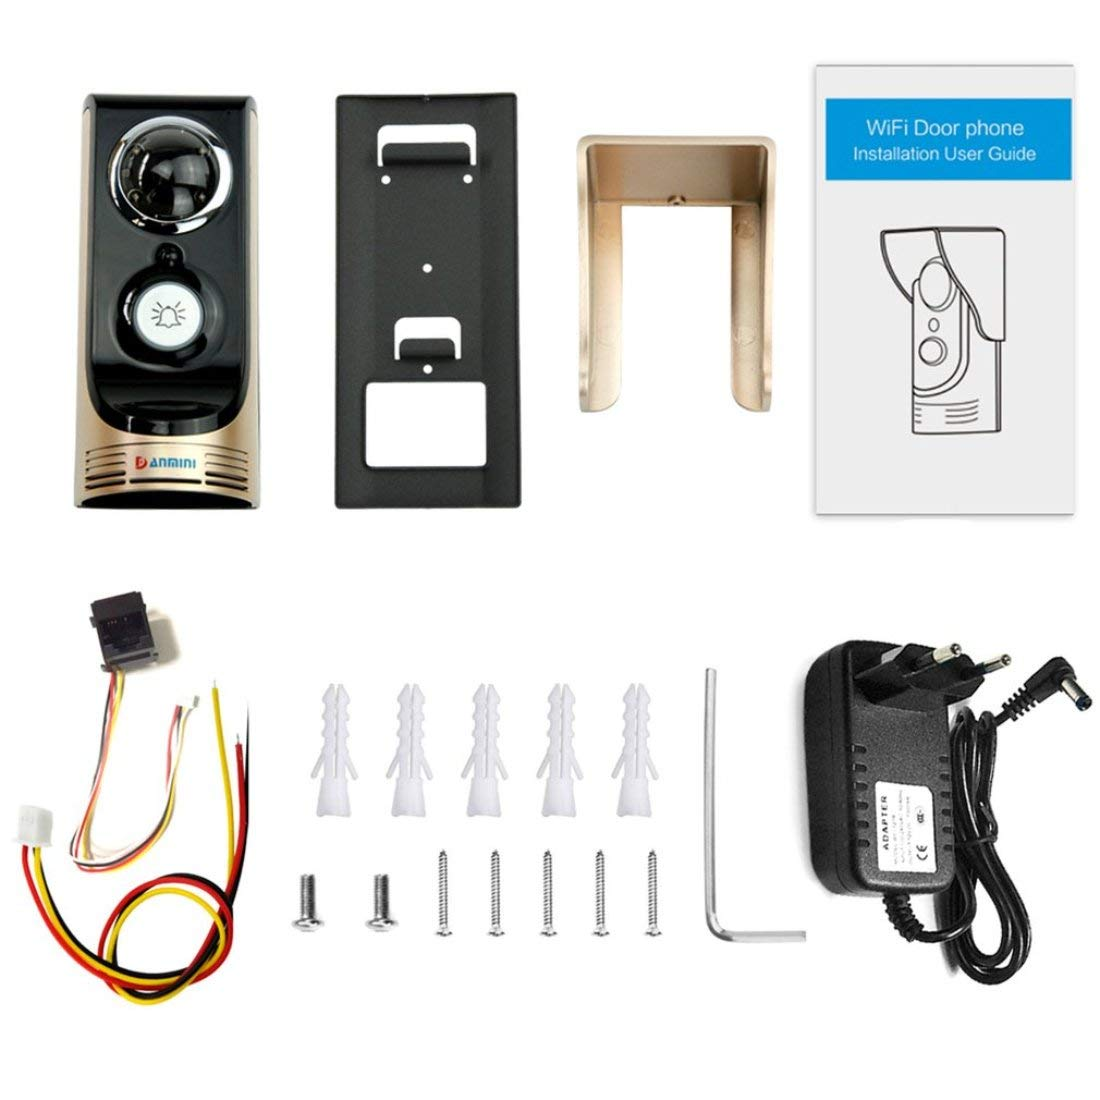 Smart WIFI Drahtlose Türsprechanlage PIR Bewegungserkennung 3 Mt 145 Grad Weitwinkel Heimgebrauch Tür Video Intercom Türklingel